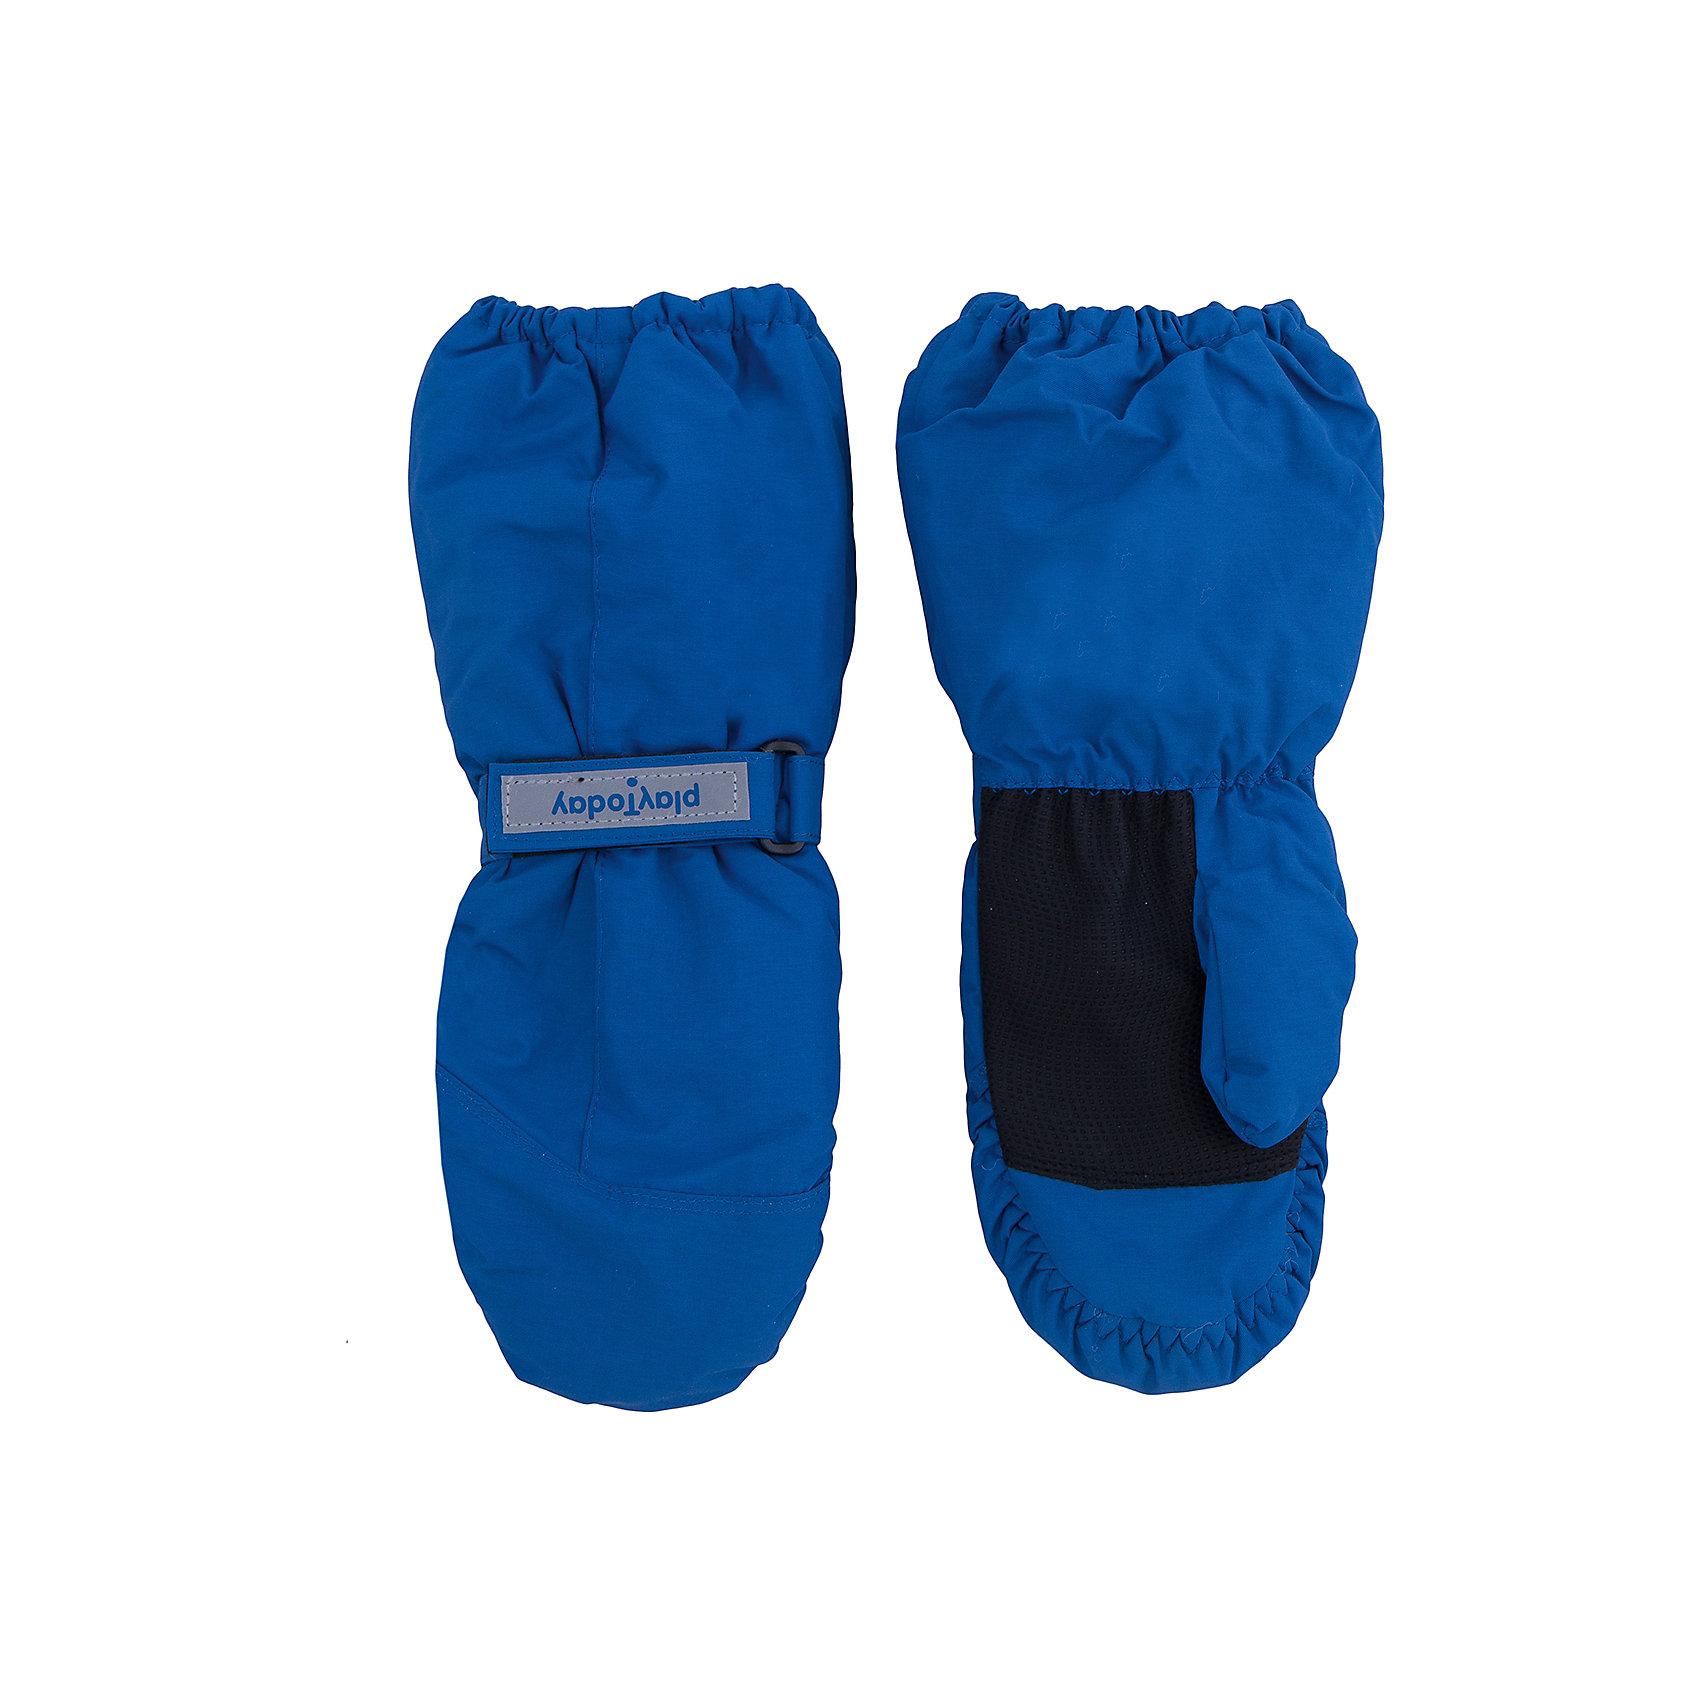 Варежки для девочки PlayTodayВарежки для девочки от известного бренда PlayToday.<br>Теплые рукавицы из непромокаемой плащевки. Утягиваются липучками, верх на мягкой резинке. Усиленный антискользящий материал на ладошках. Внутри уютная флисовая подкладка. Есть крепления для куртки.<br>Состав:<br>Верх: 100% полиэстер, Подкладка: 100% полиэстер, Наполнитель: 100% полиэстер<br><br>Ширина мм: 162<br>Глубина мм: 171<br>Высота мм: 55<br>Вес г: 119<br>Цвет: разноцветный<br>Возраст от месяцев: 36<br>Возраст до месяцев: 48<br>Пол: Женский<br>Возраст: Детский<br>Размер: 13,15,14<br>SKU: 4898466